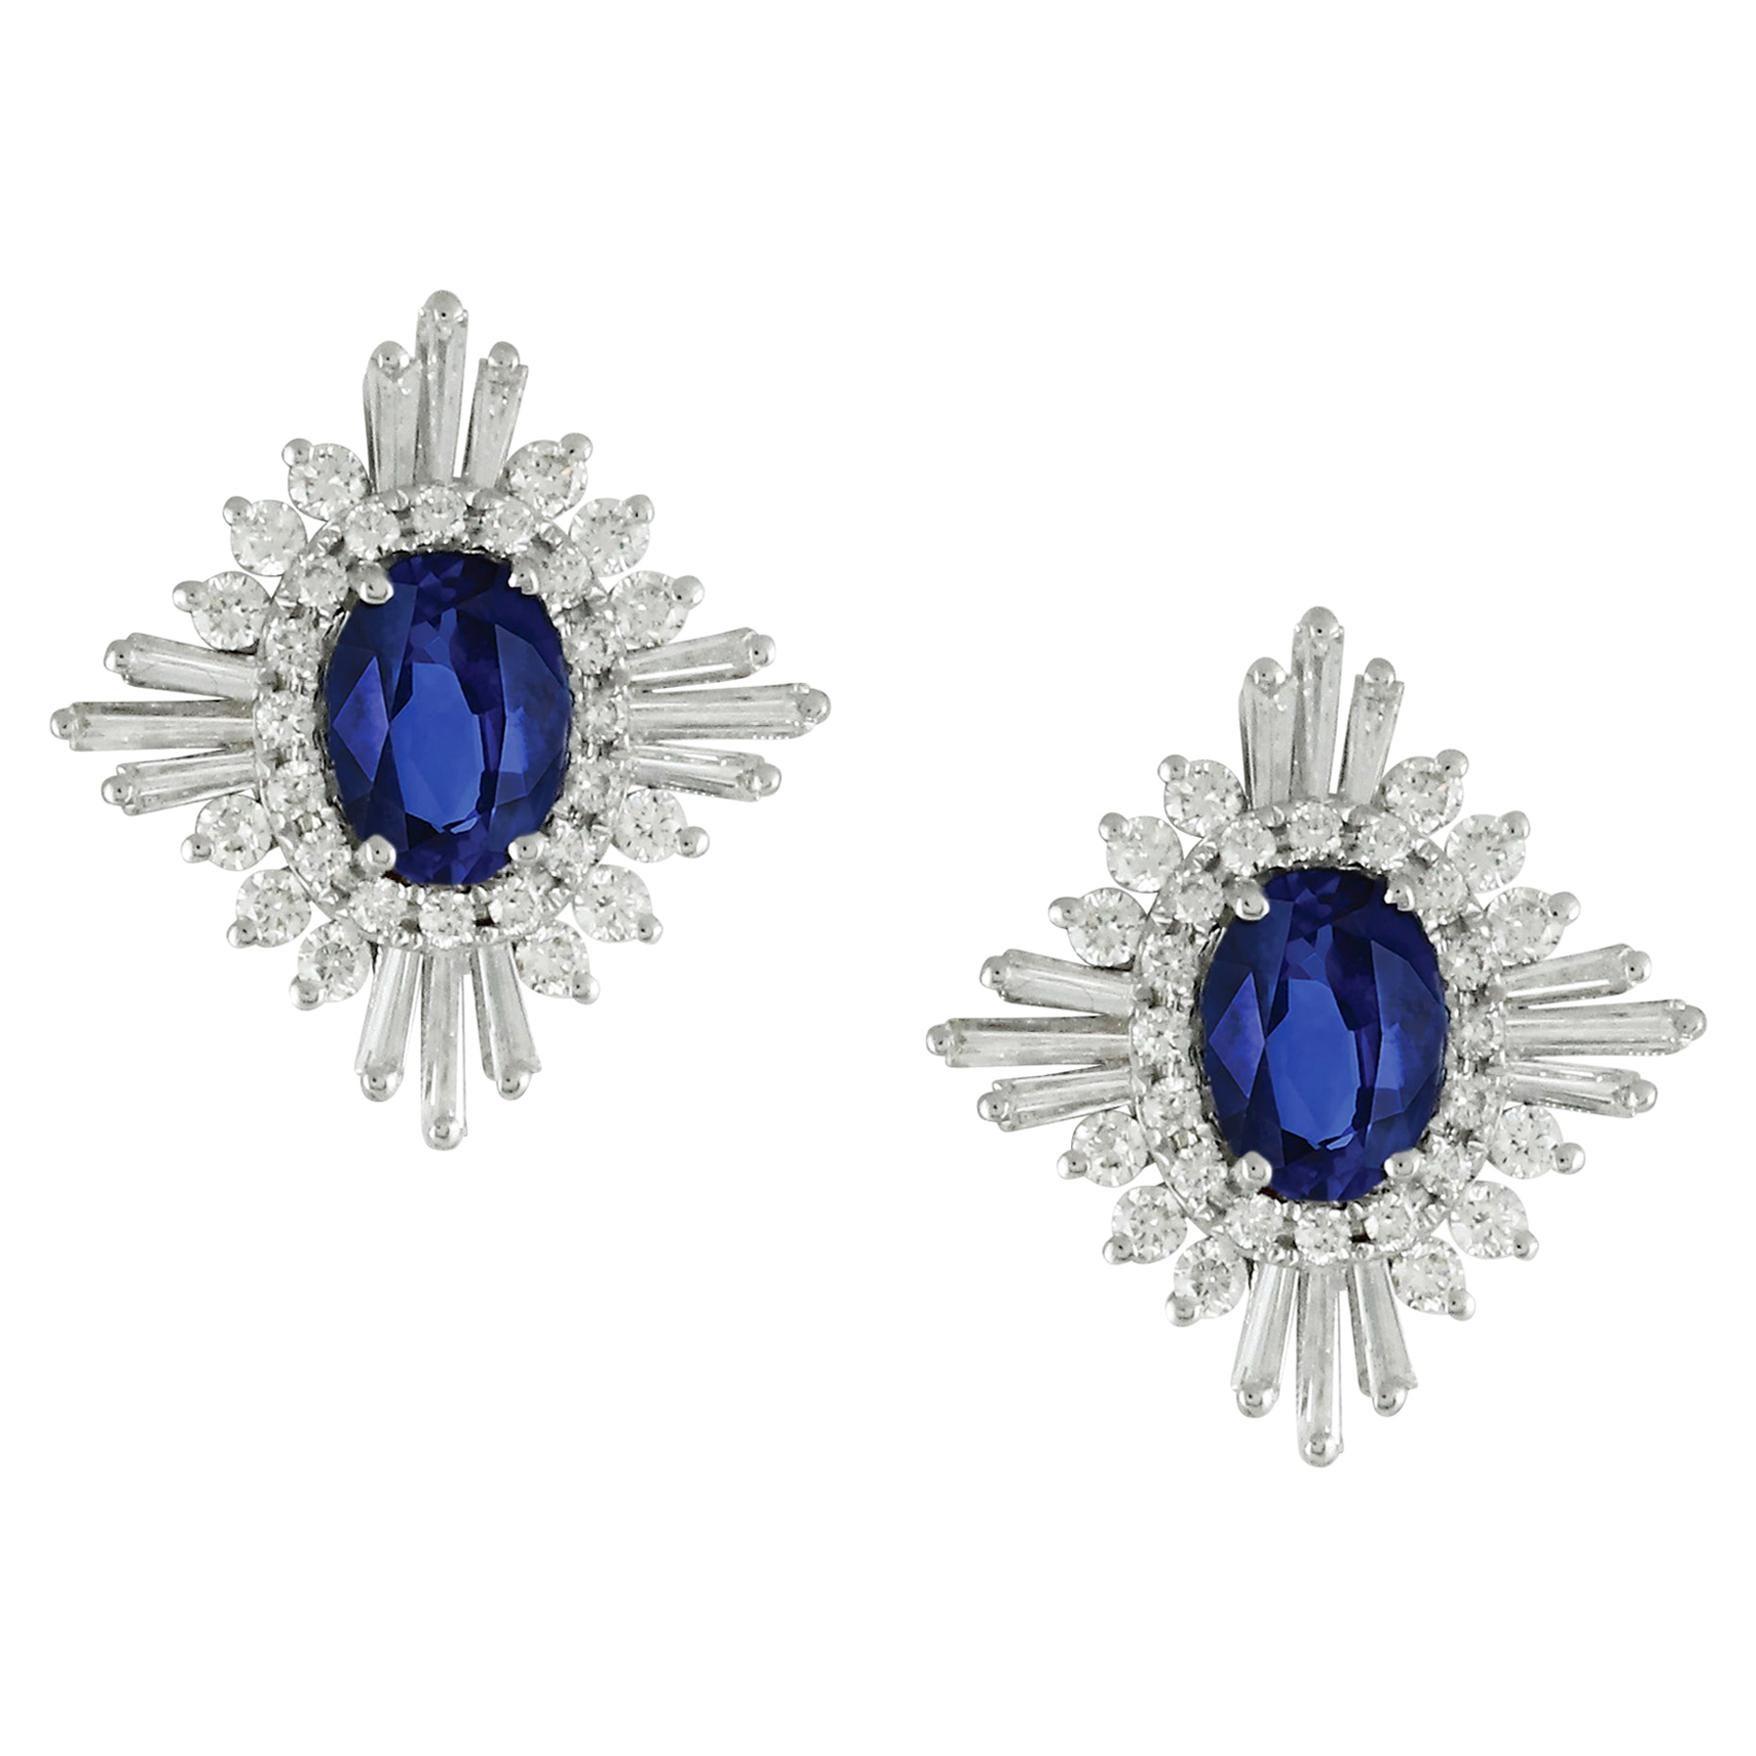 18k White Gold Oval Blue Ceylon Sapphire & Baguette Diamond Flower Stud Earrings